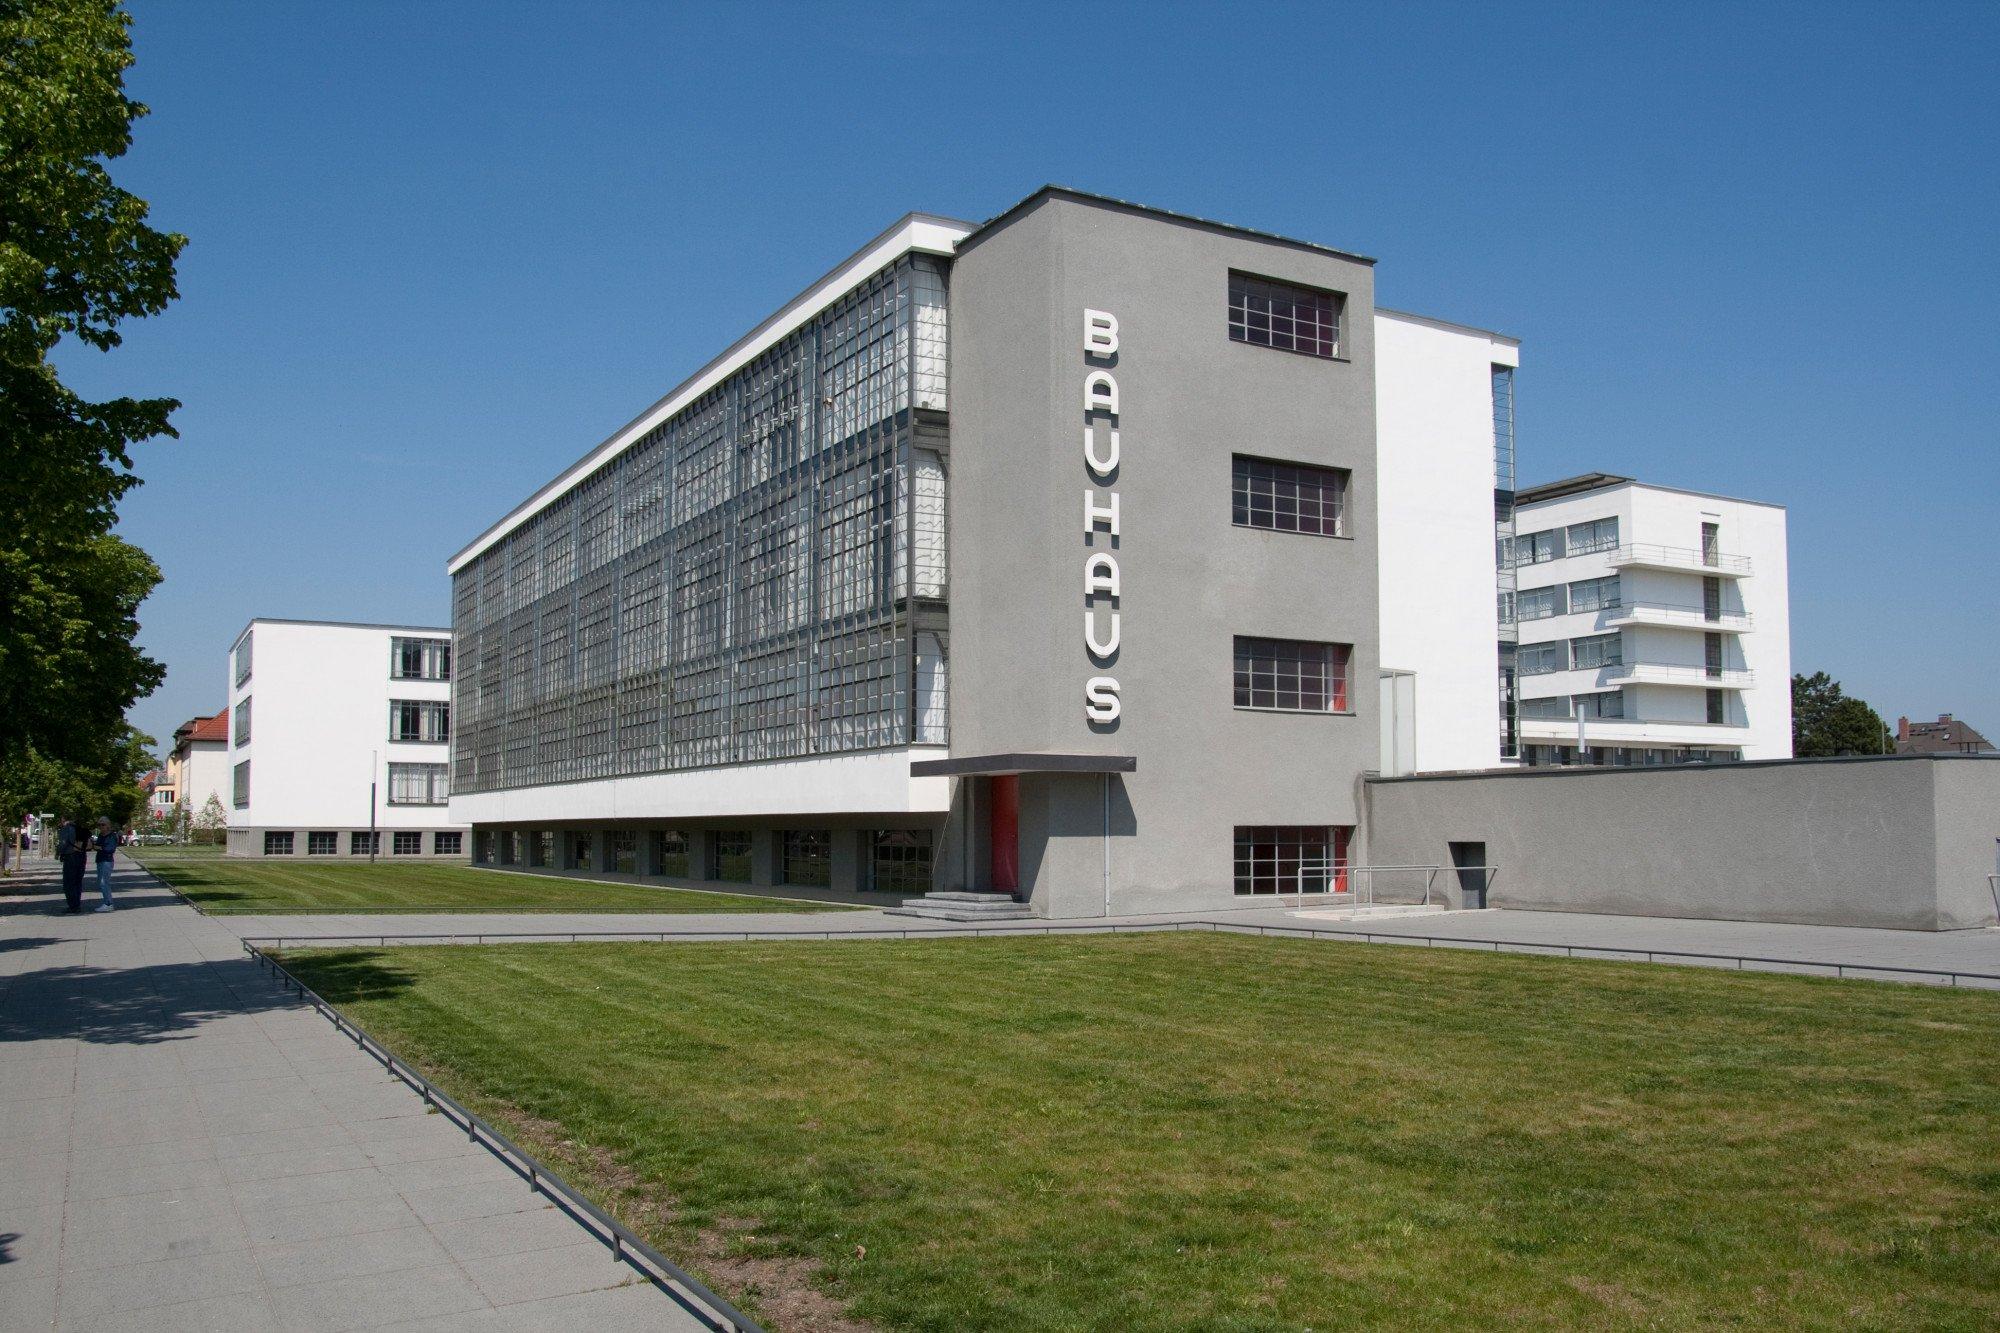 Full Size of Bauhaus Fenster Dessau Heizung Kultur Bildung Baunetz Wissen Jalousien Innen Sicherheitsbeschläge Nachrüsten Rolladen Sichern Gegen Einbruch Fenster Bauhaus Fenster